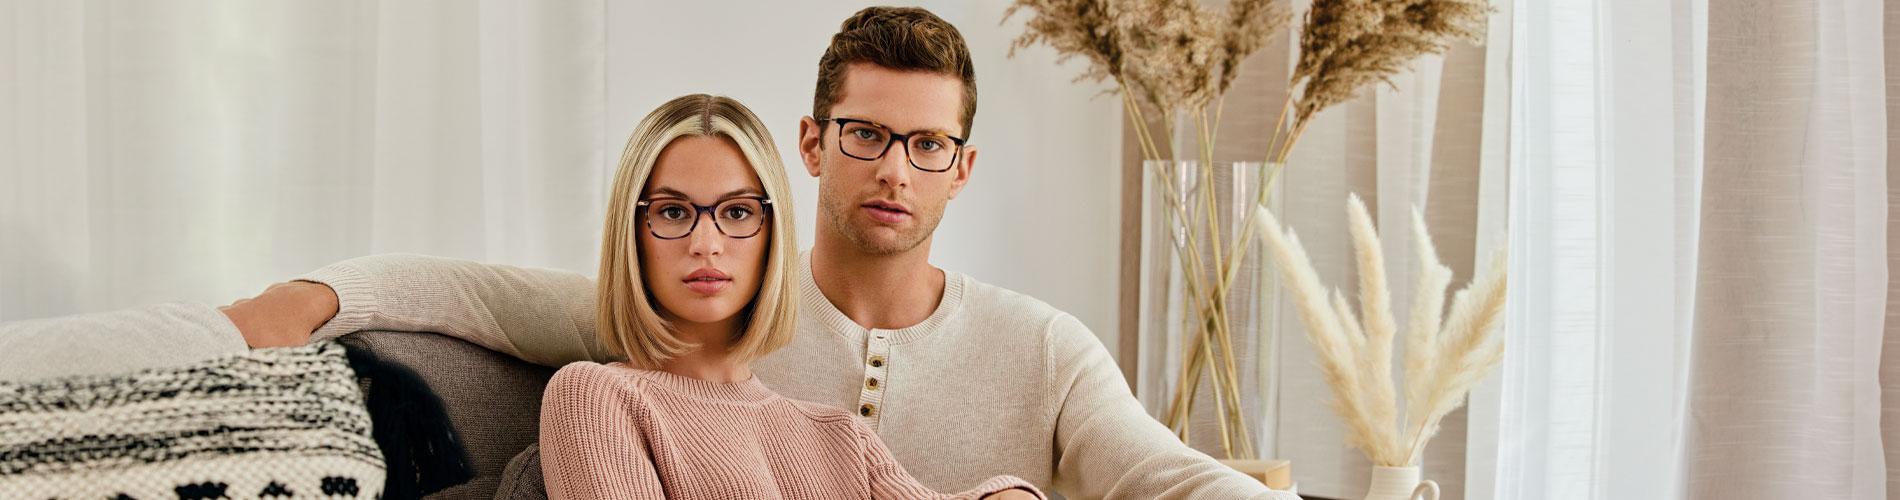 KLiiK eyewear for Men and Women